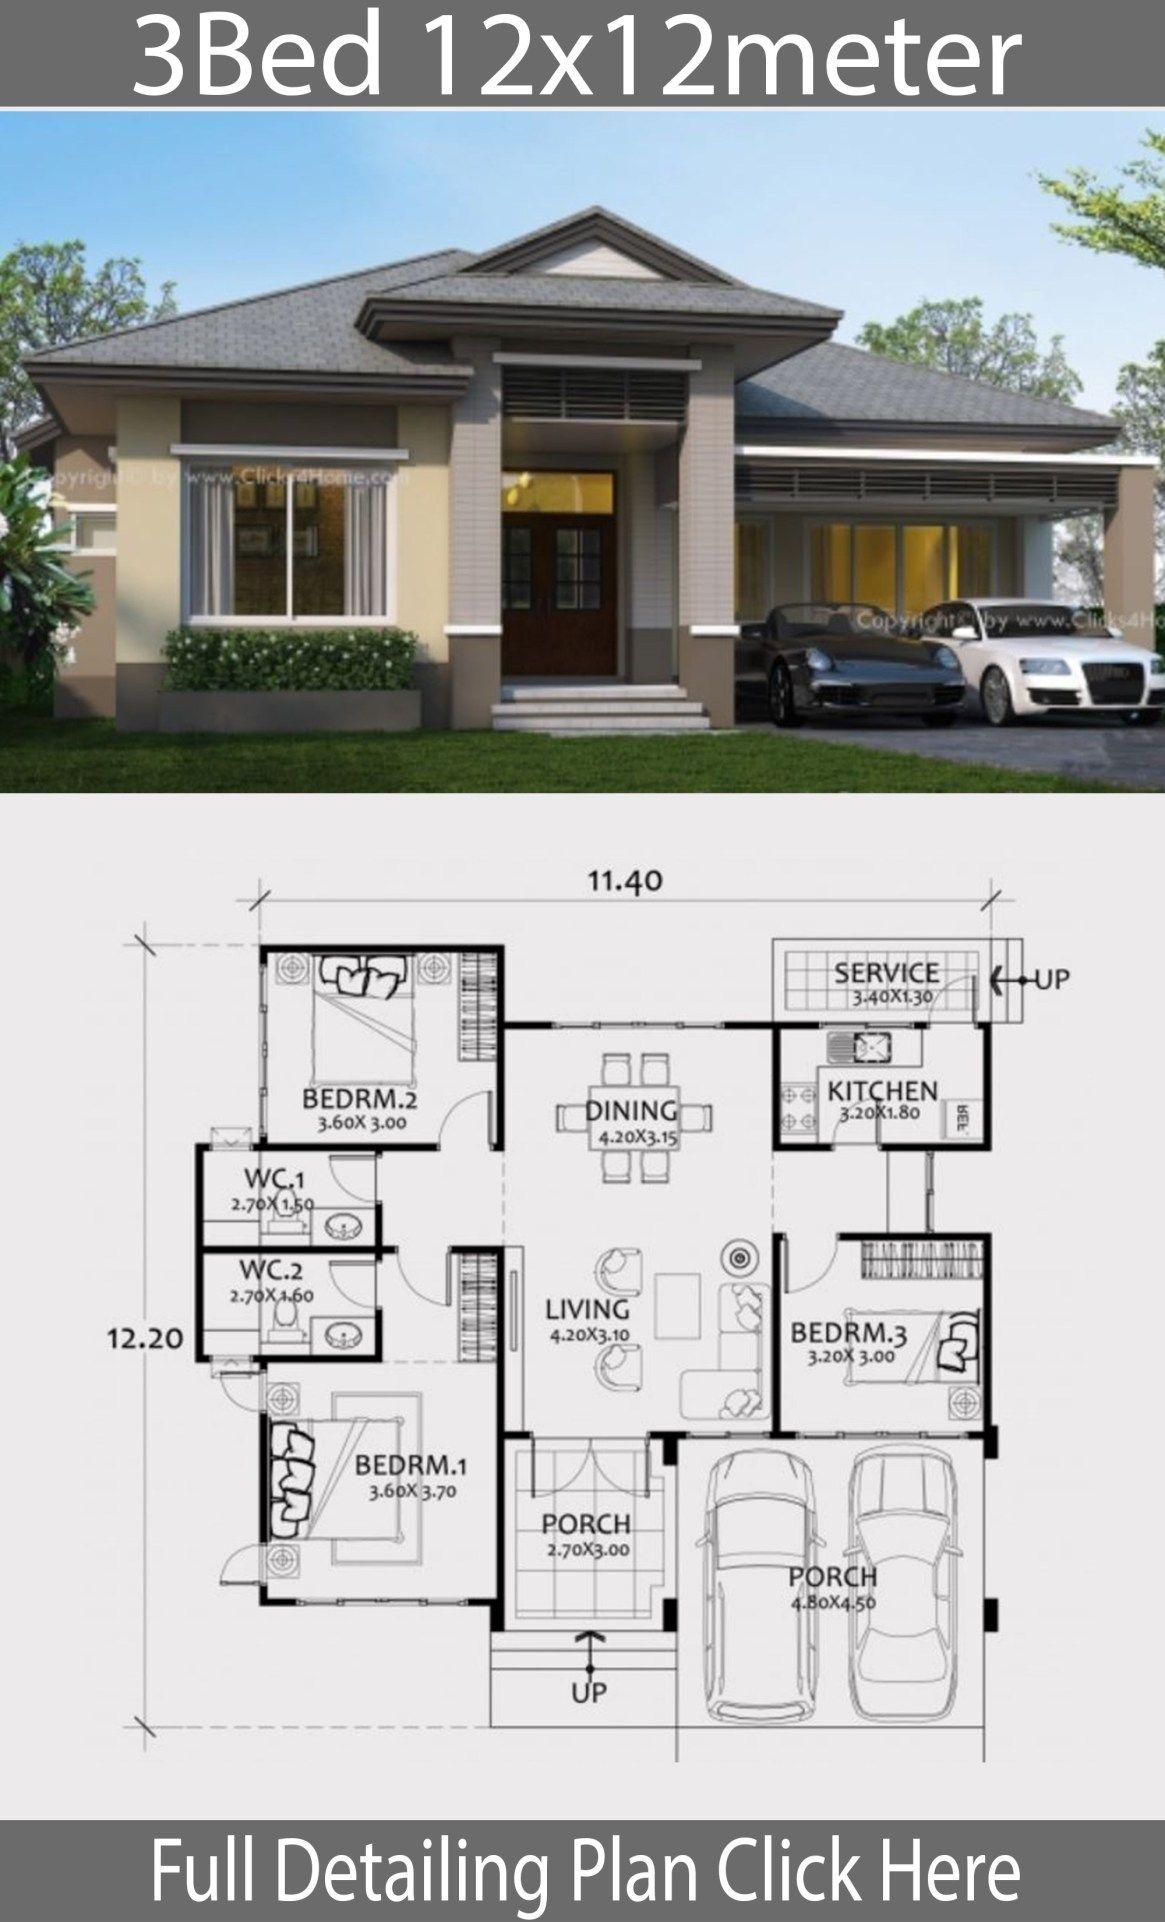 Perfect Modern Home Design Plans One Floor And Description Bungalow Floor Plans Bungalow House Design Small House Design Plans